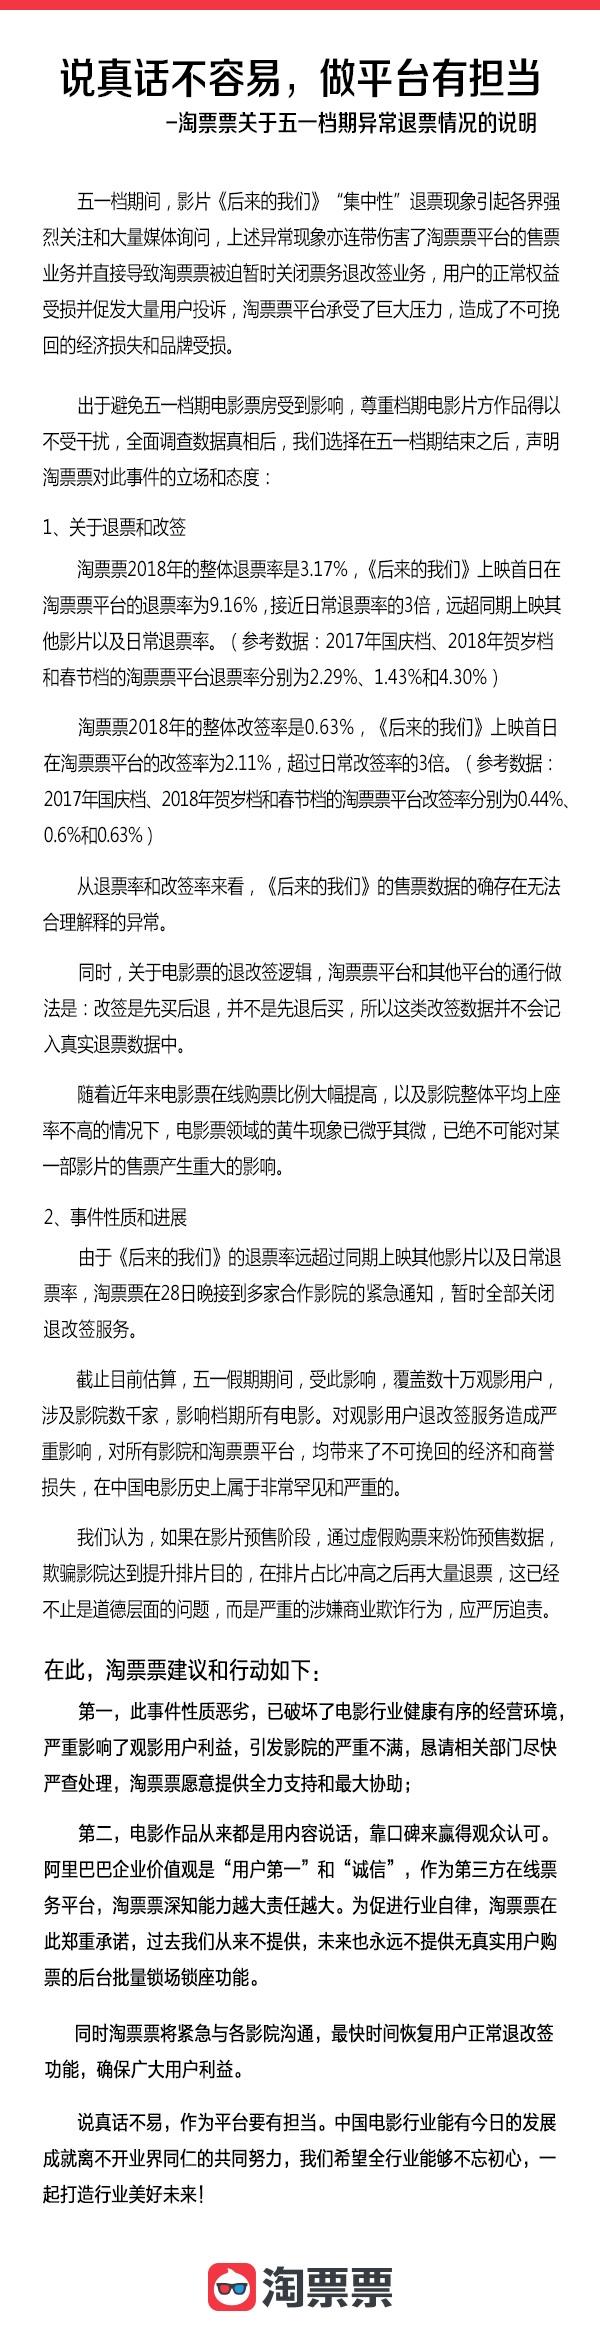 《后来的我们》集中退票 淘票票:中国影史罕见 恳请严查